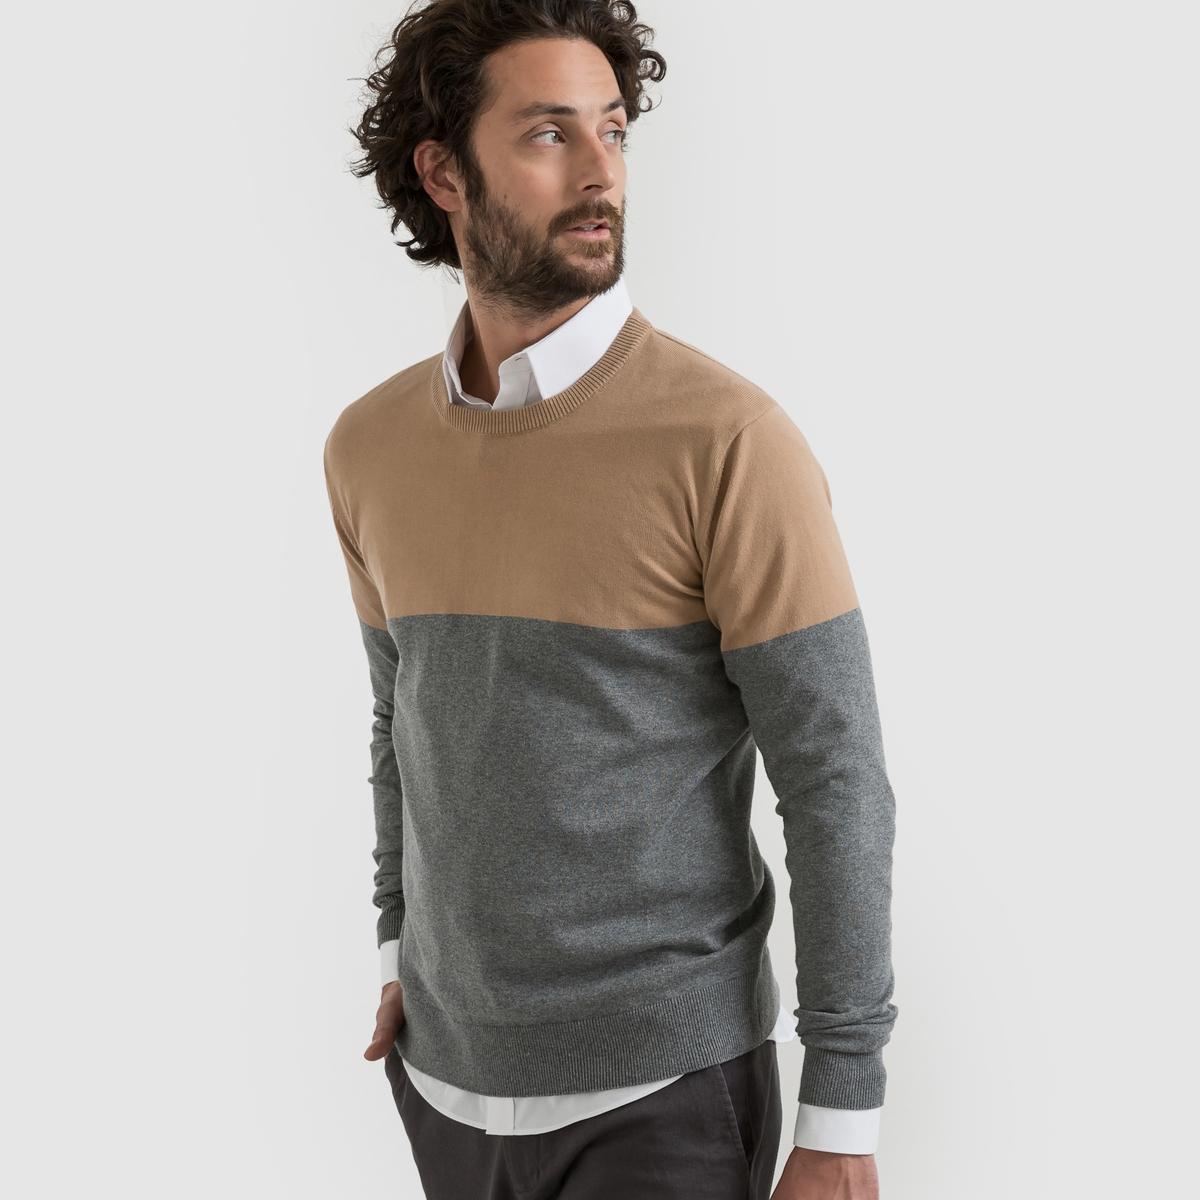 Пуловер двухцветный с круглым вырезомПуловер двухцветный с длинными рукавами. Прямой покрой, круглый вырез.  Состав и описание Материал : 80% хлопка, 20% полиамида.Длина : 67 см Марка :      R ?dition<br><br>Цвет: бежевый/ серый<br>Размер: 3XL